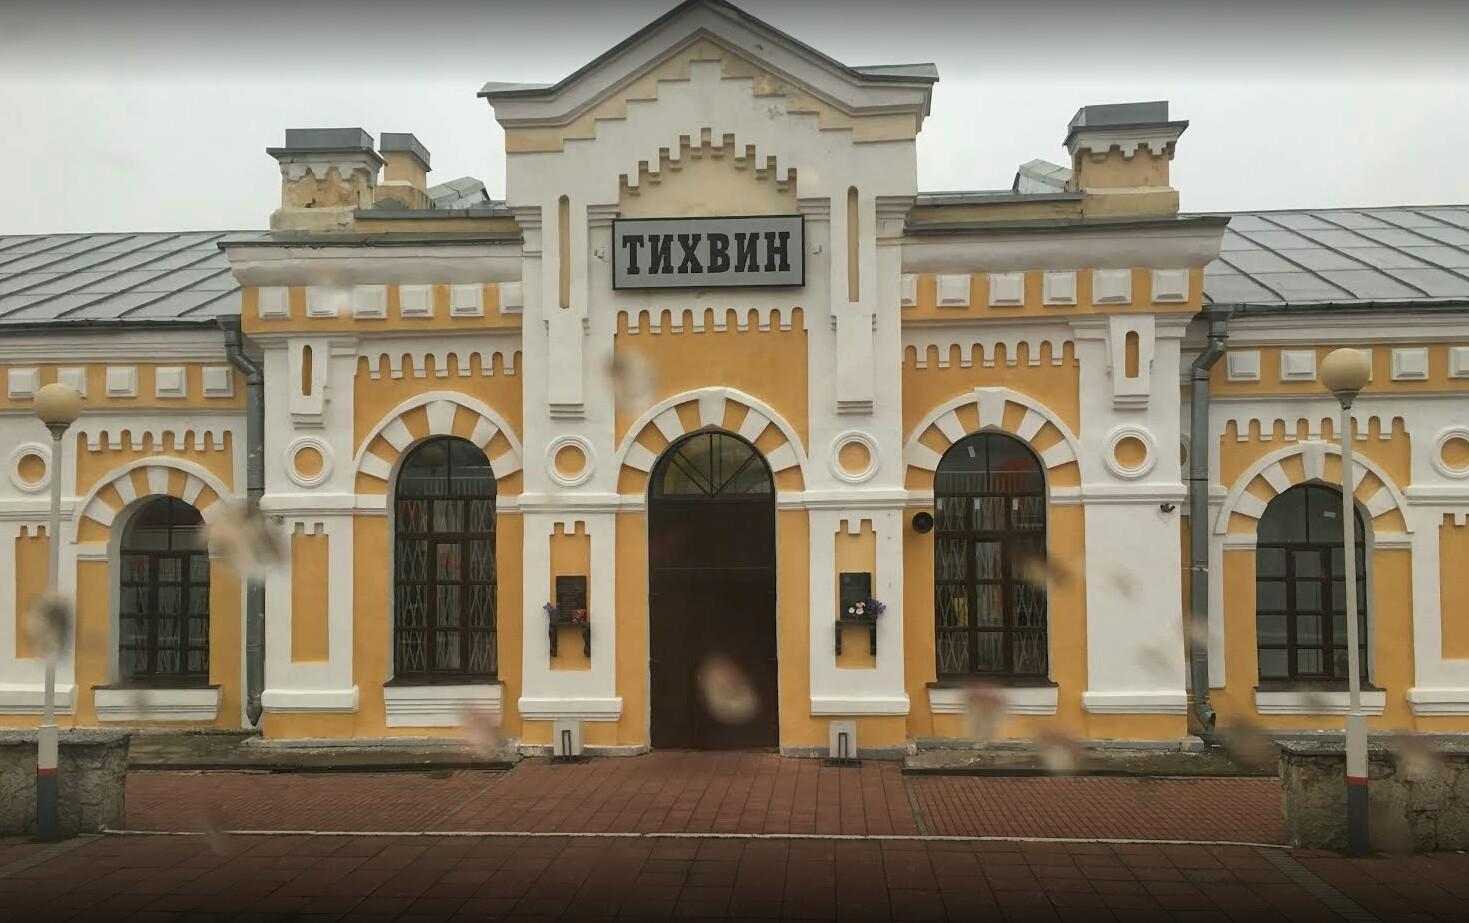 Тихвин вокзал